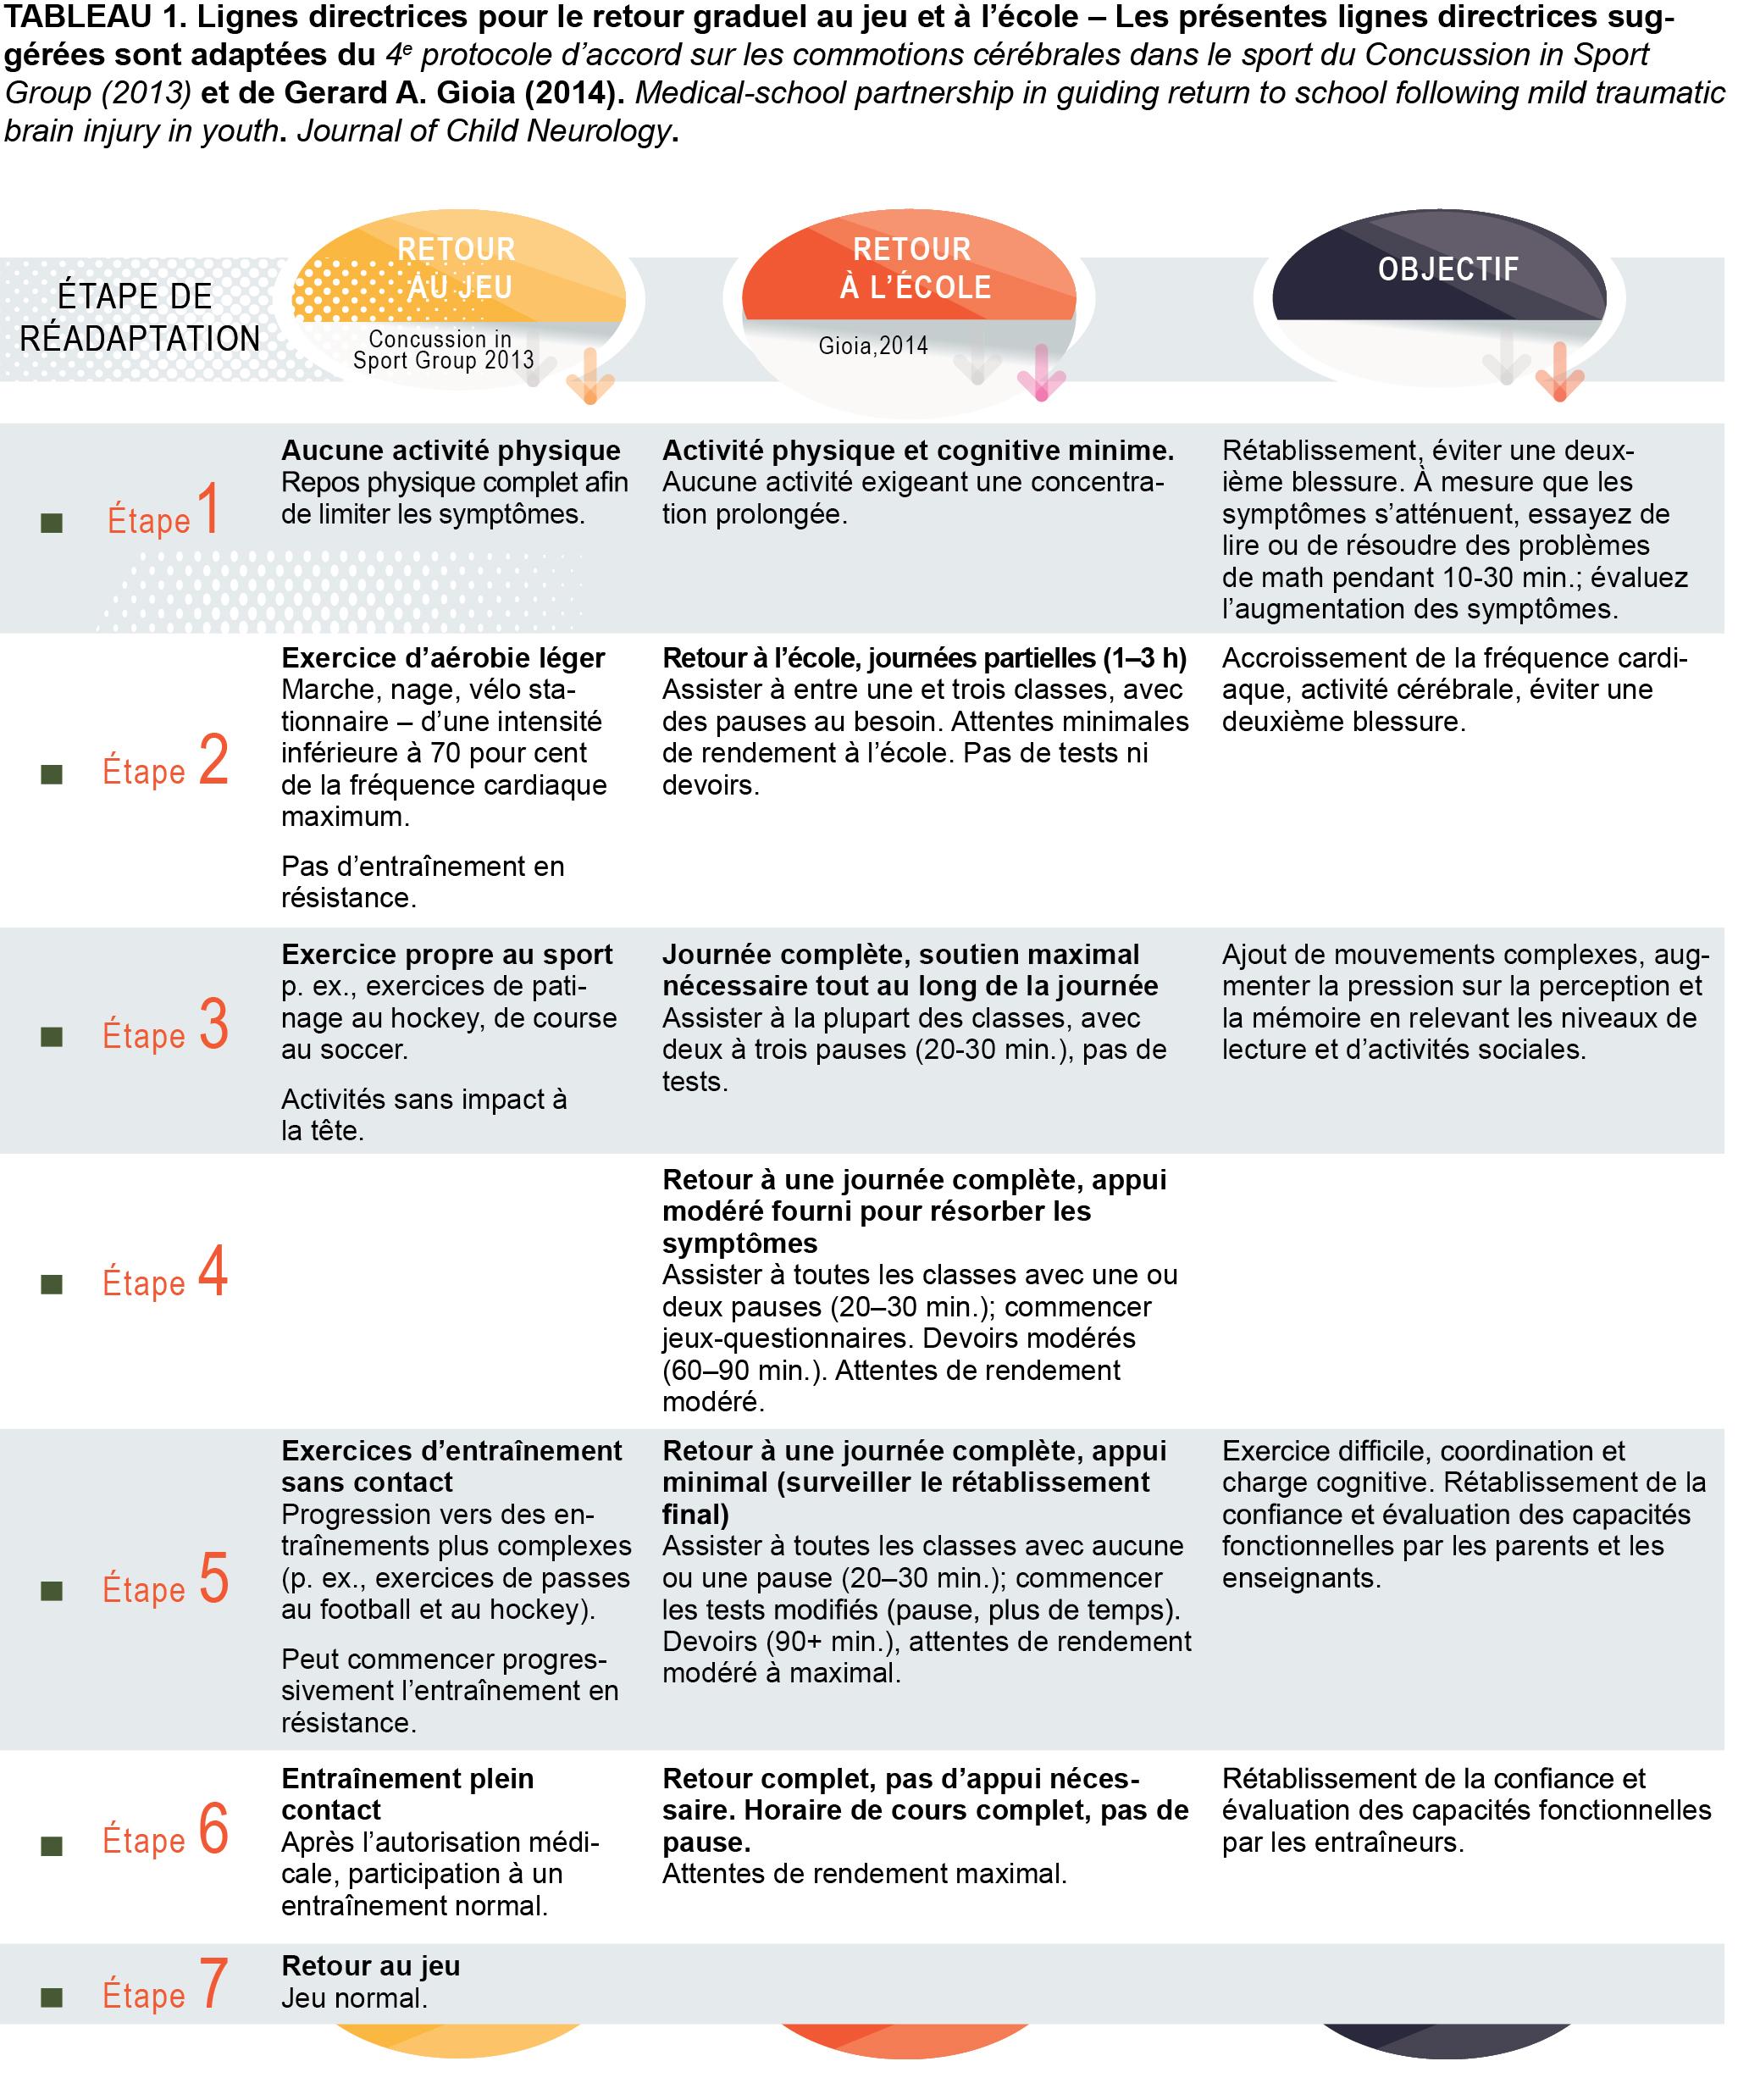 Tableau des lignes directrices sur les commotions cérébrales